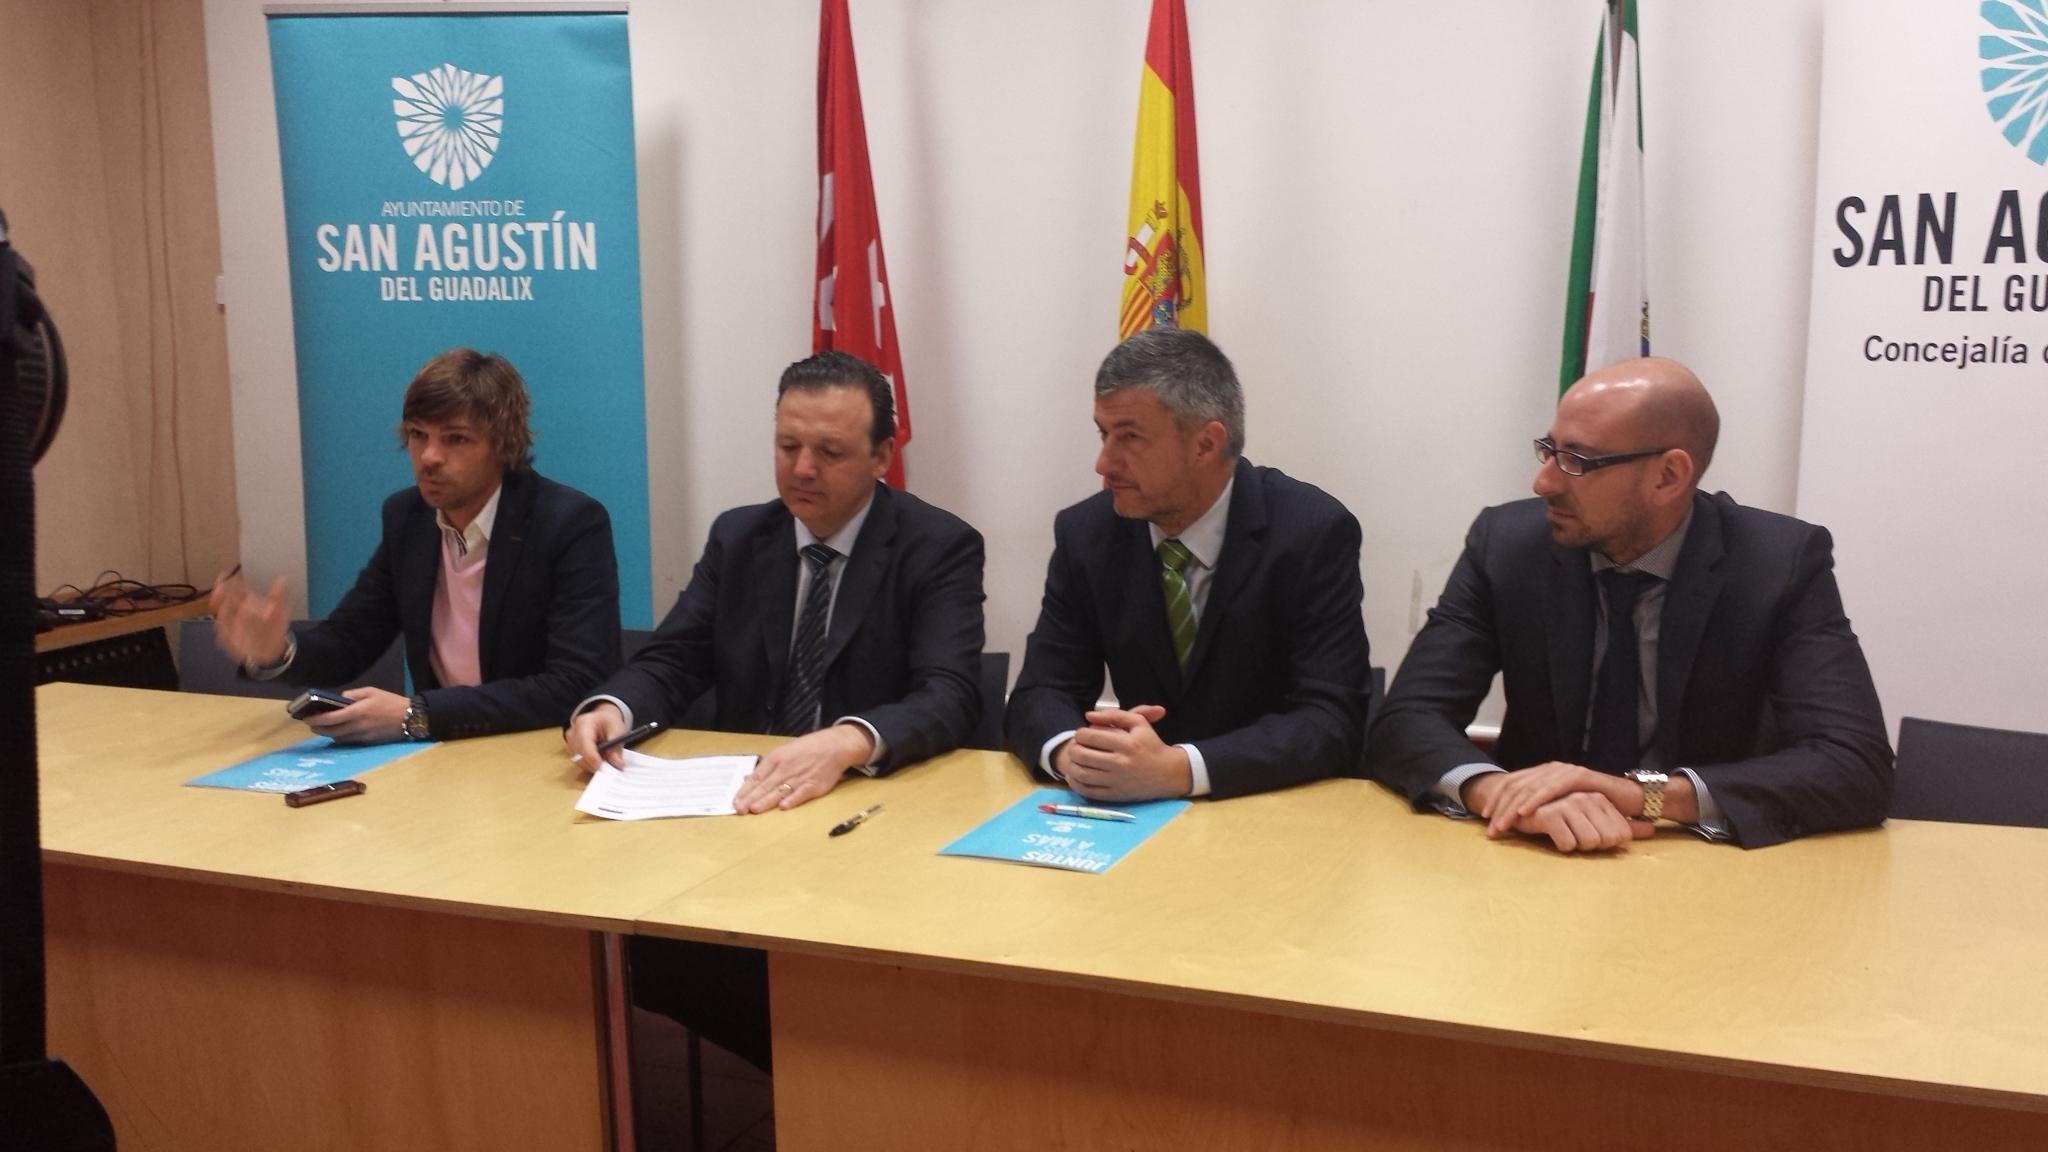 La FMDDF abrirá la primera Oficina de Atención al Discapacitado Físico de Madrid, en San Agustín del Guadalix